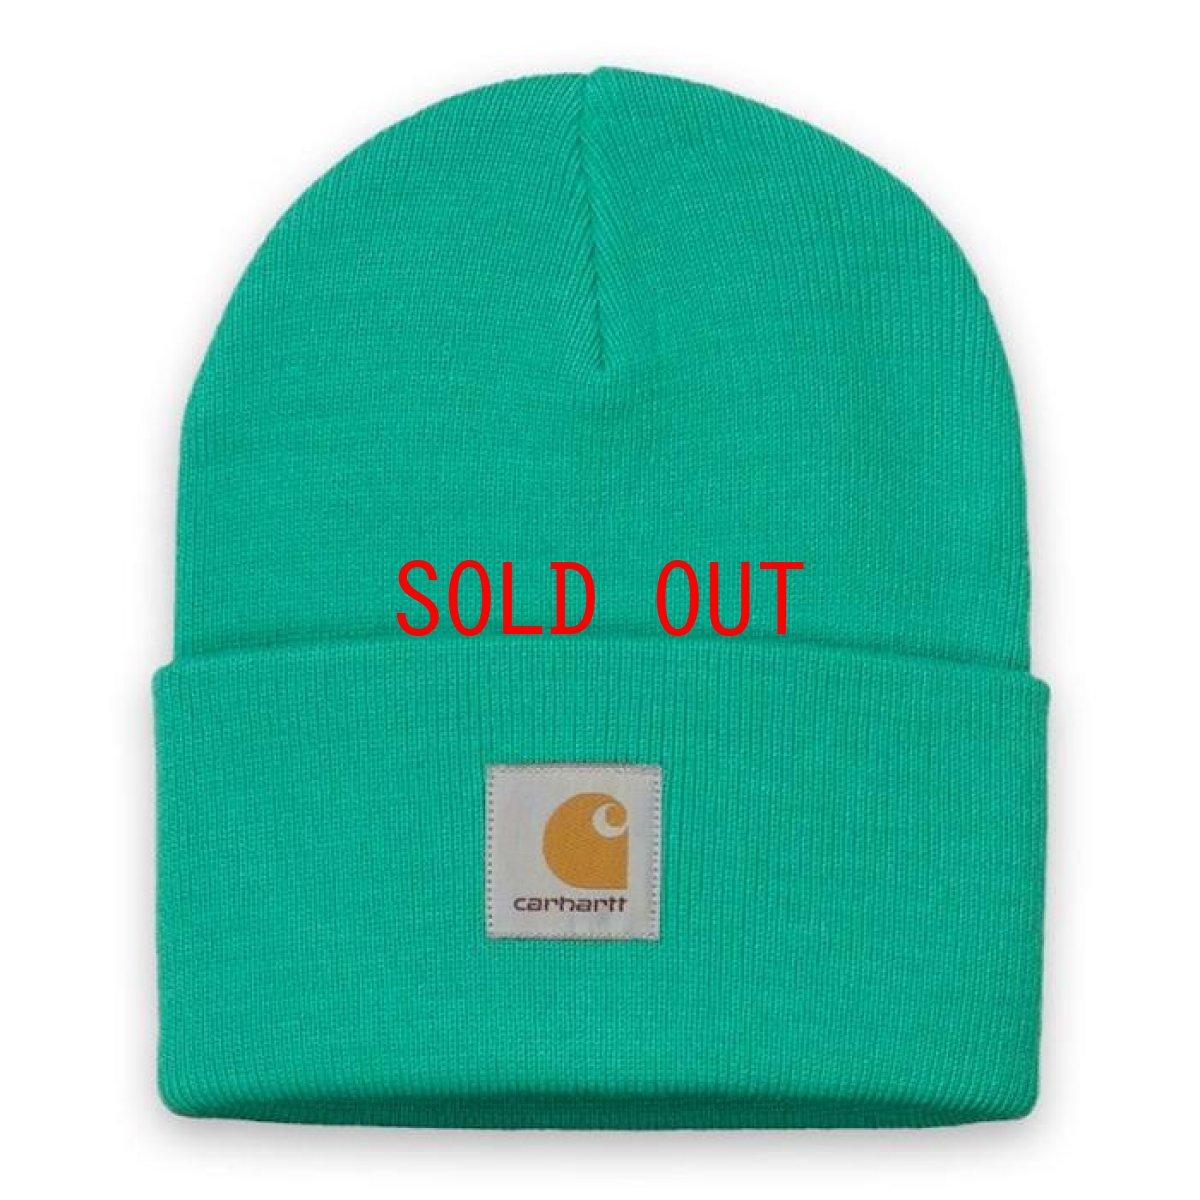 画像1: Carhartt WIP(カーハート ワークインプログレス) Acrylic Watch Hat Beanie Yoda Green Lime Yellow Pink Pop Orange ビーニー ニット帽 (1)